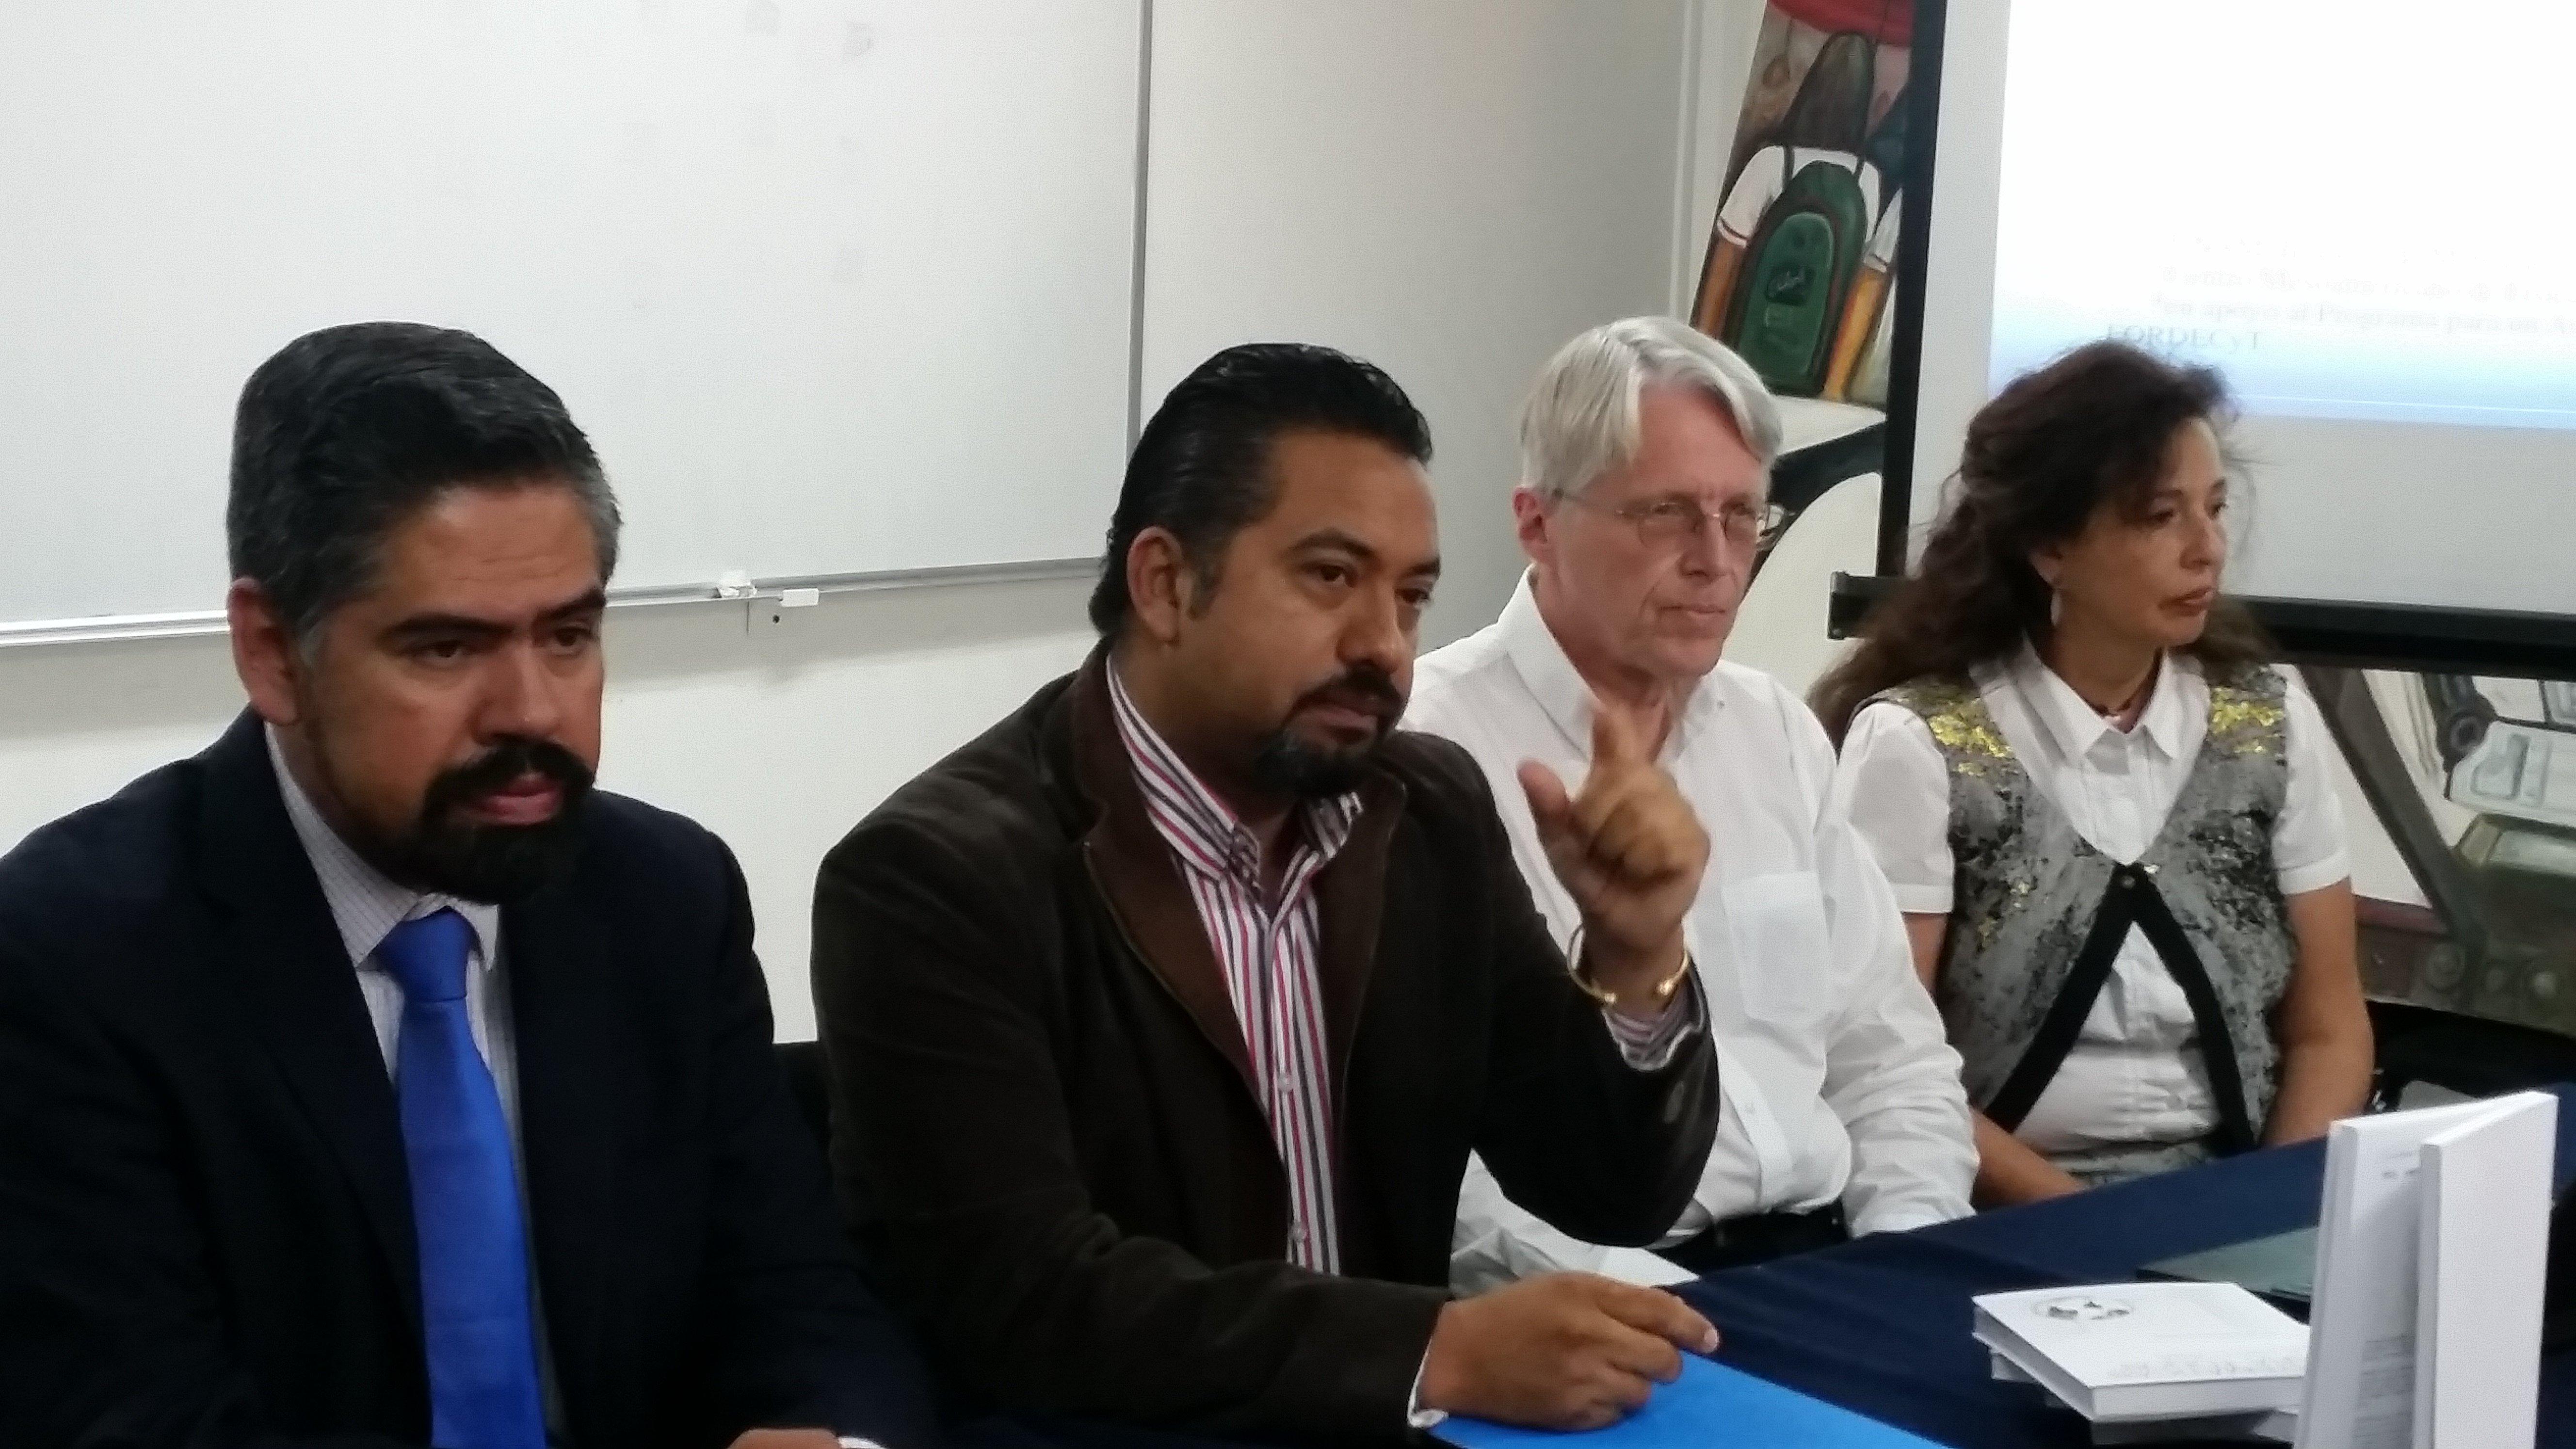 Sicdet, vínculo entre Michoacán y científicos de prestigio internacional